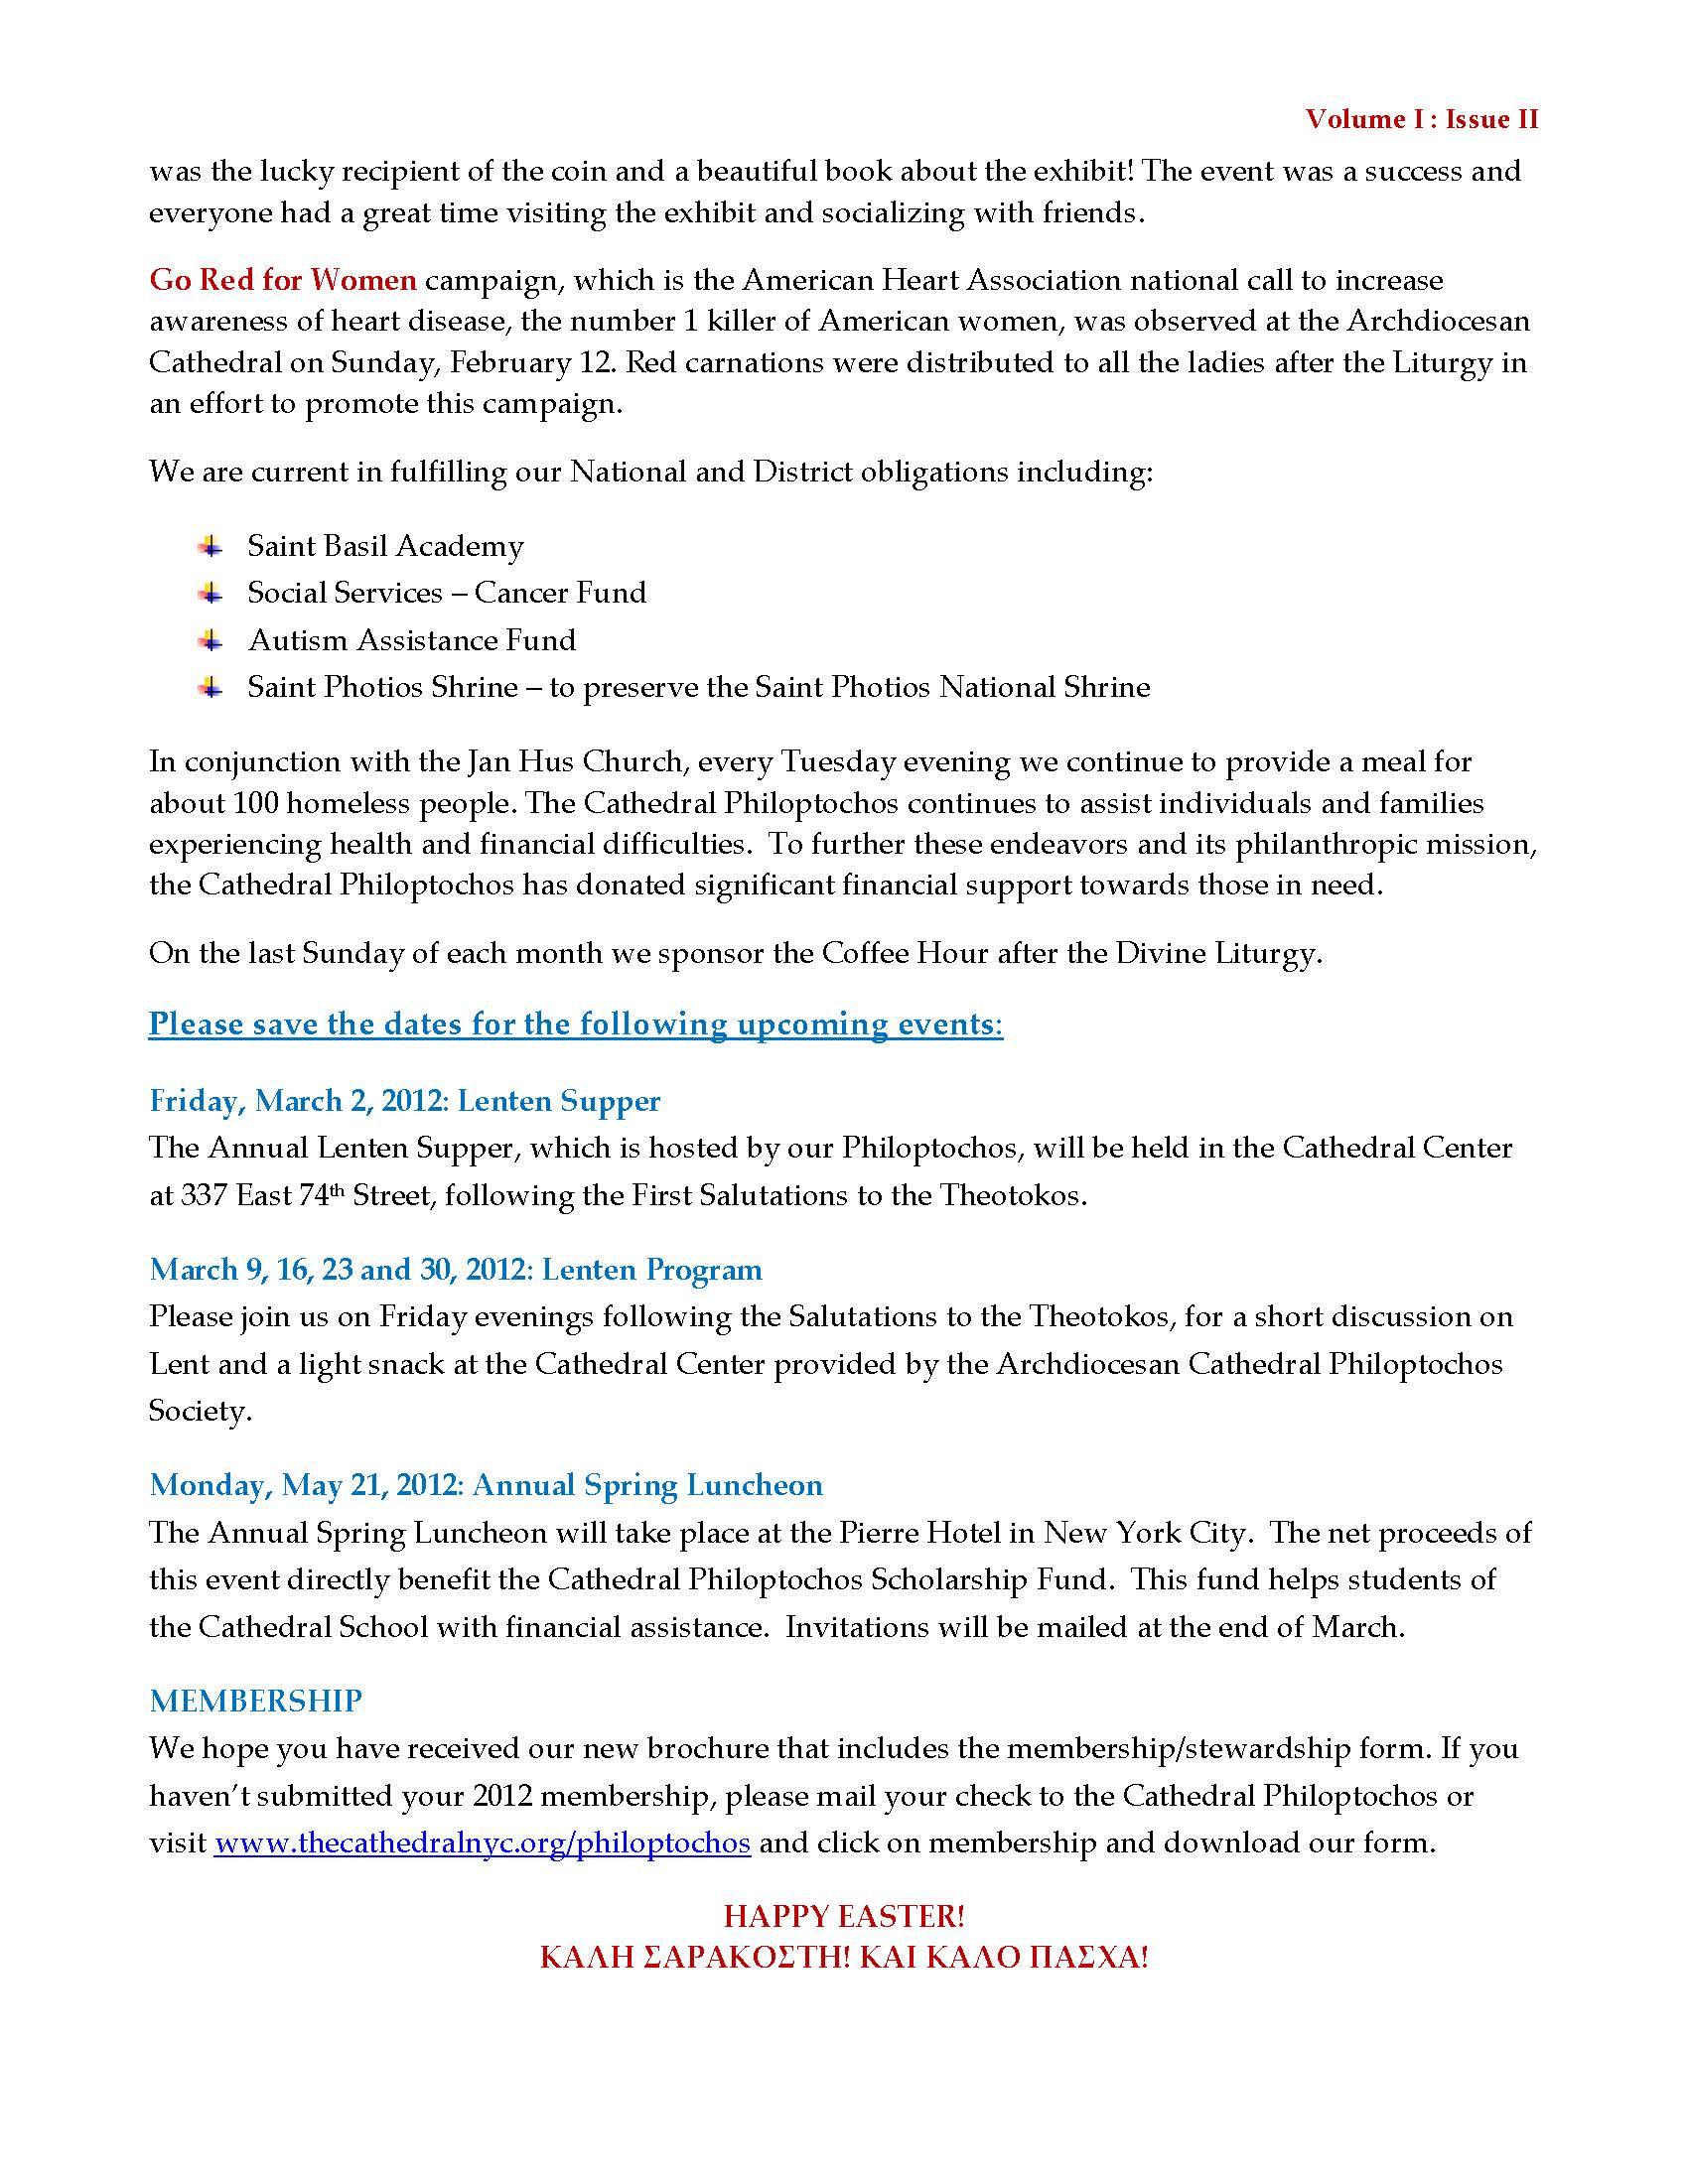 C - Winter 2012 Newsletter_Page_2.jpg